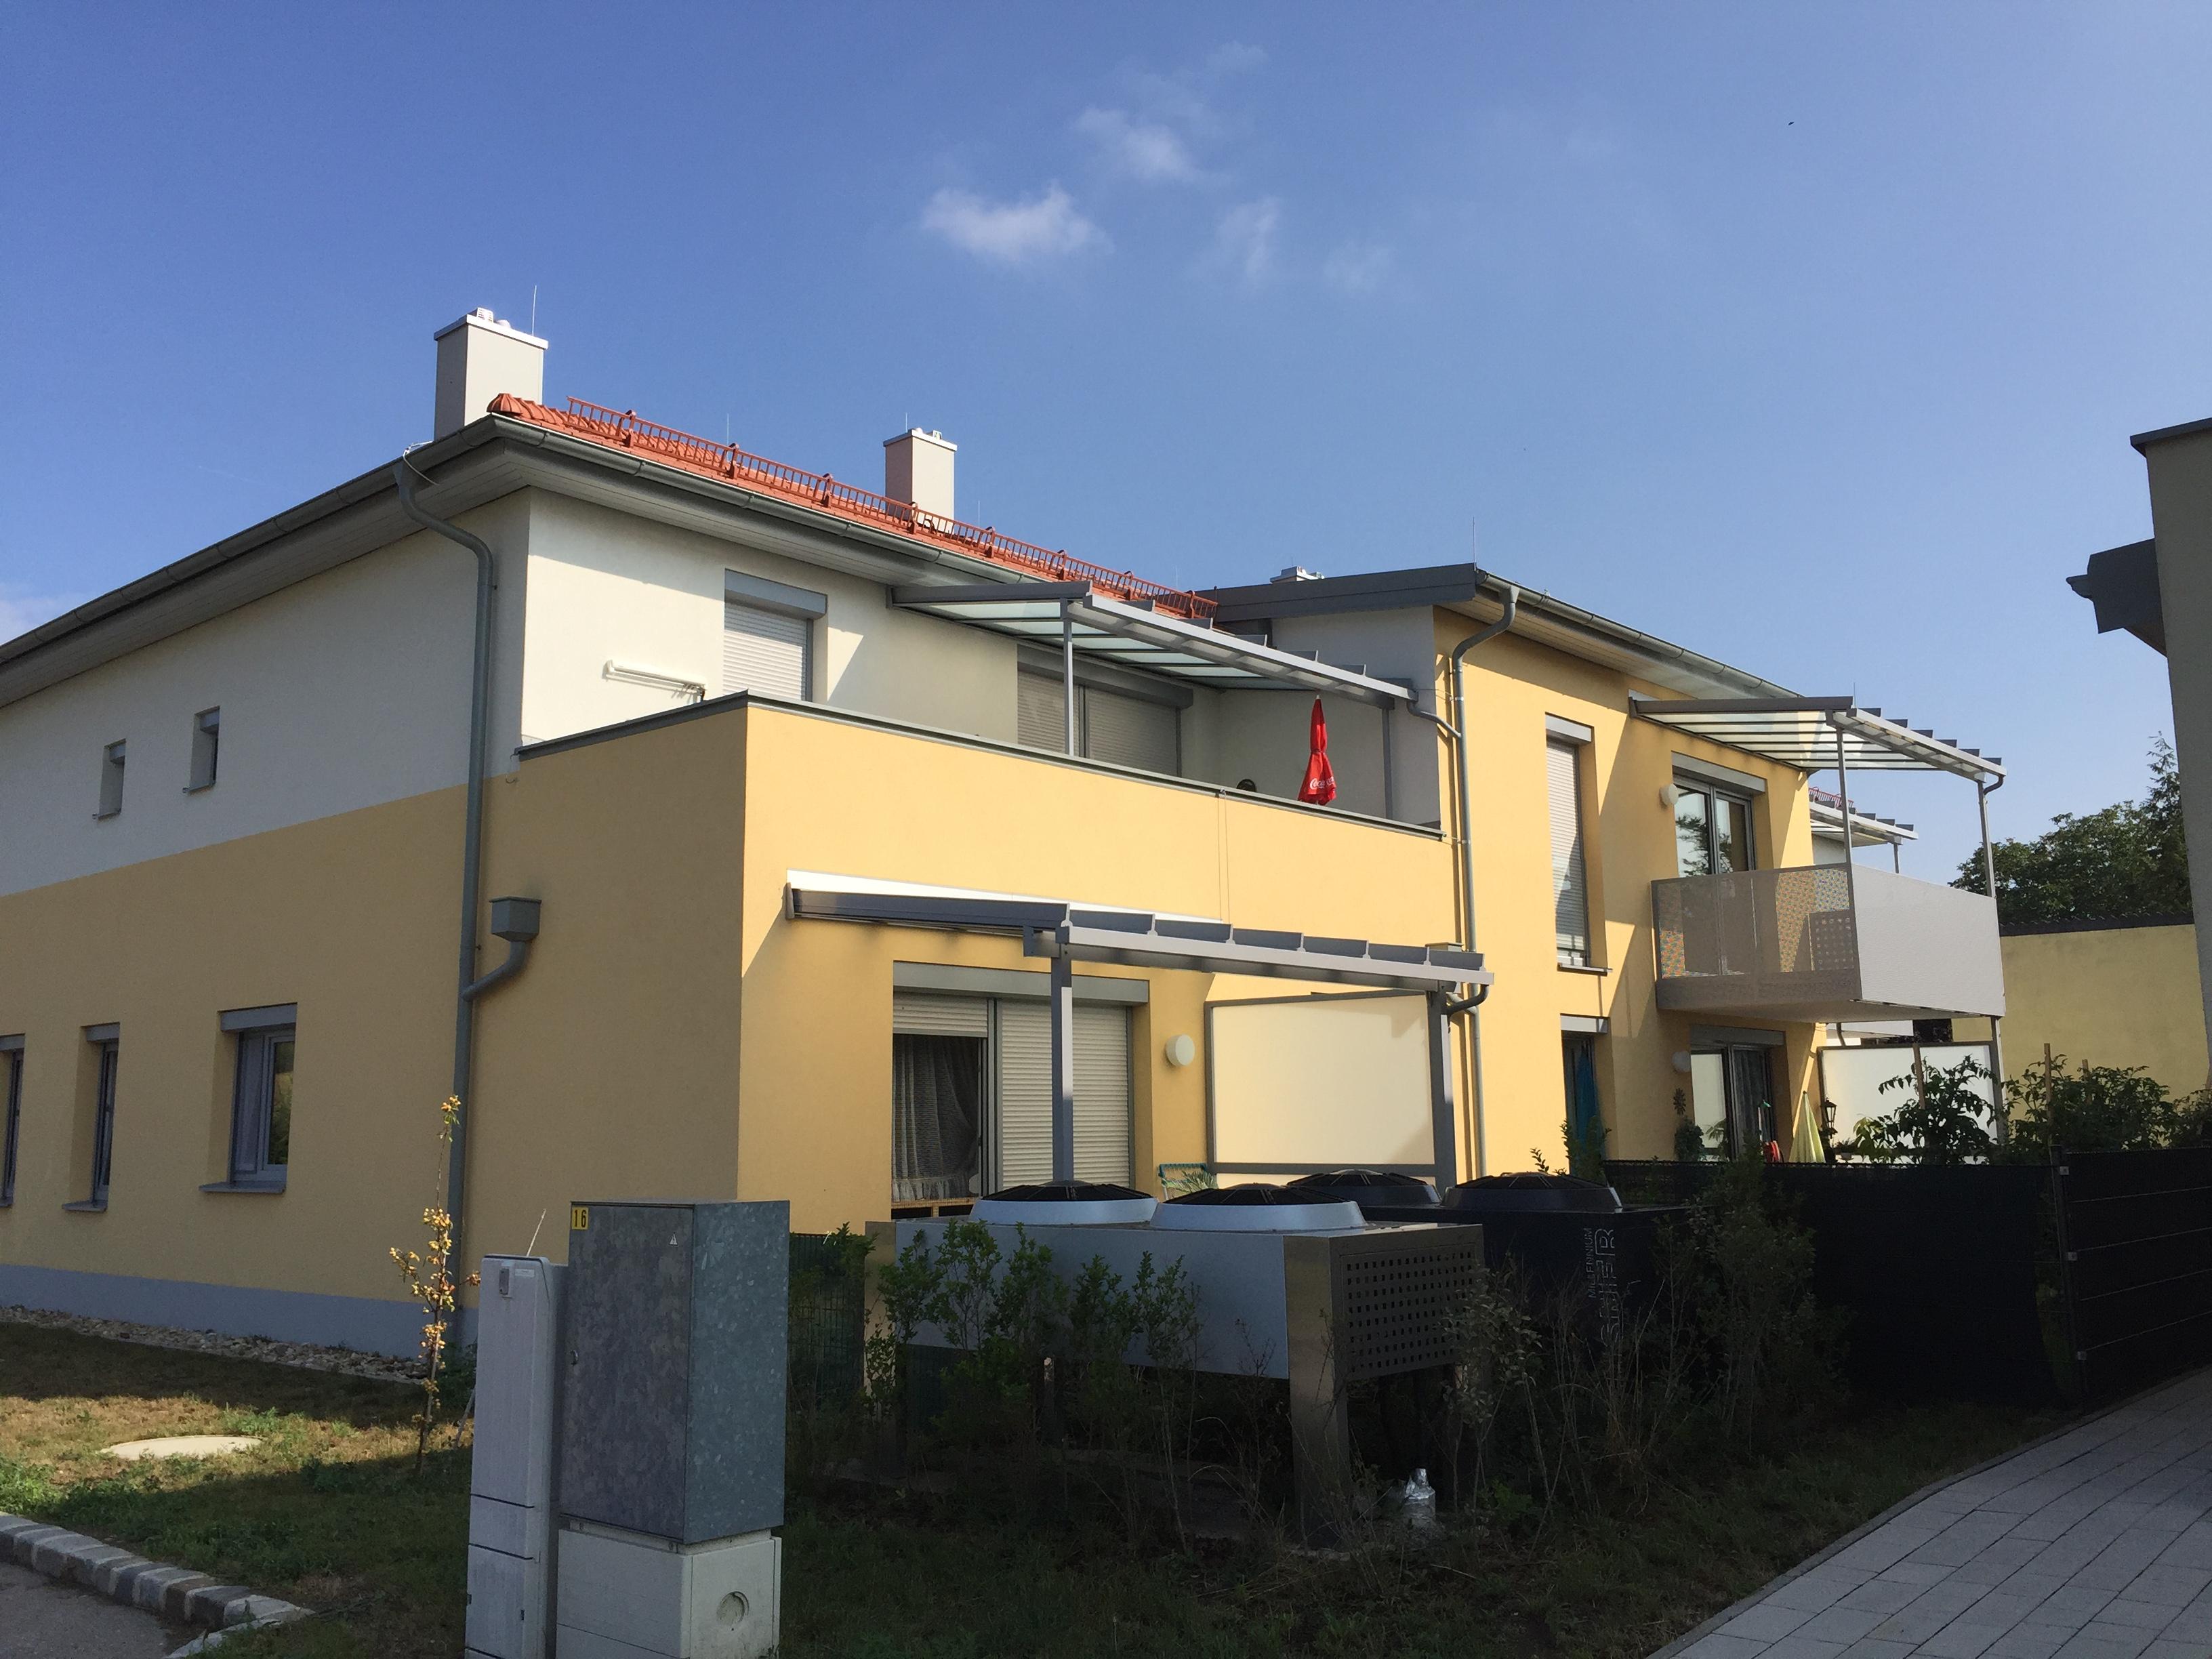 Immobilie von Kamptal in 2184 Hauskirchen, Gänserndorf, Hauskirchen I/2 - Top 5 #7